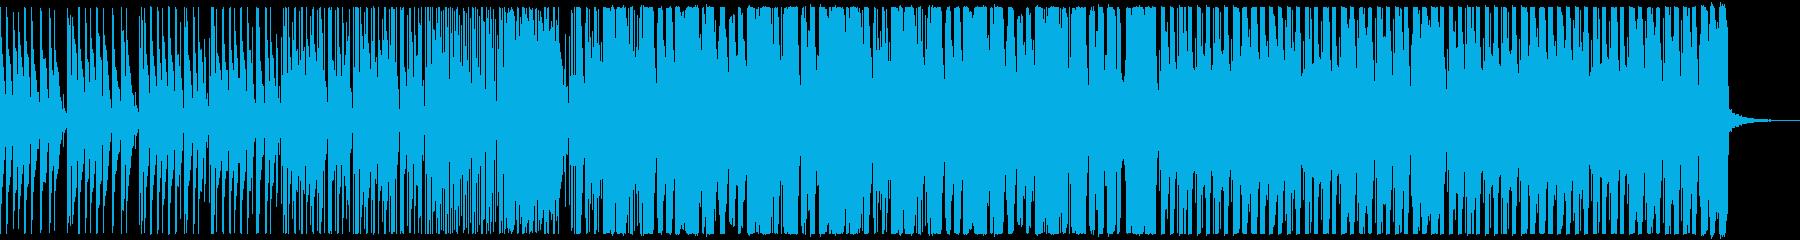 EDMの再生済みの波形